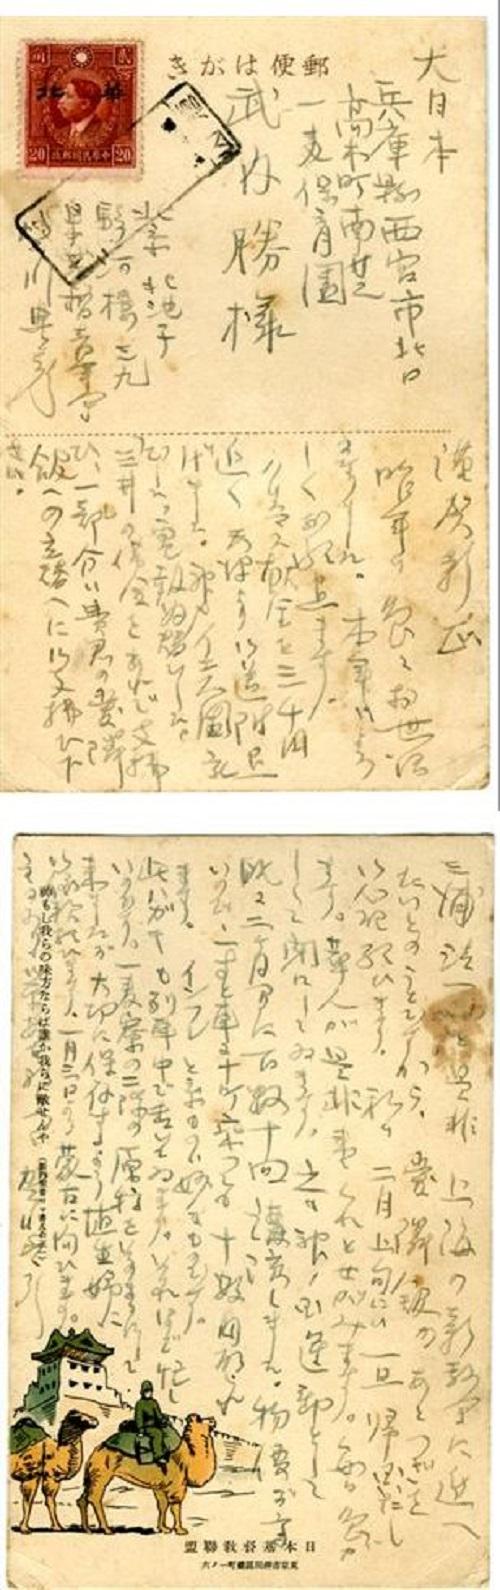 賀川のハガキ本文